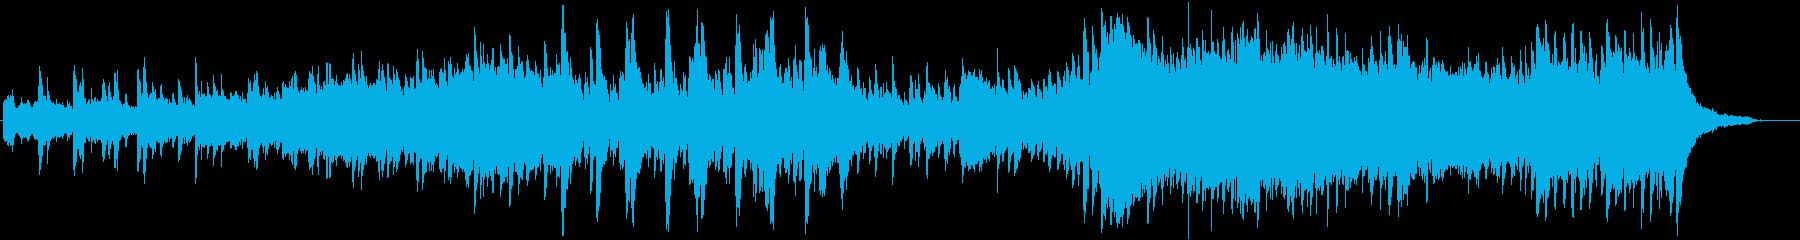 「ラスト・ワルツ」 弦楽とピアノのためのの再生済みの波形